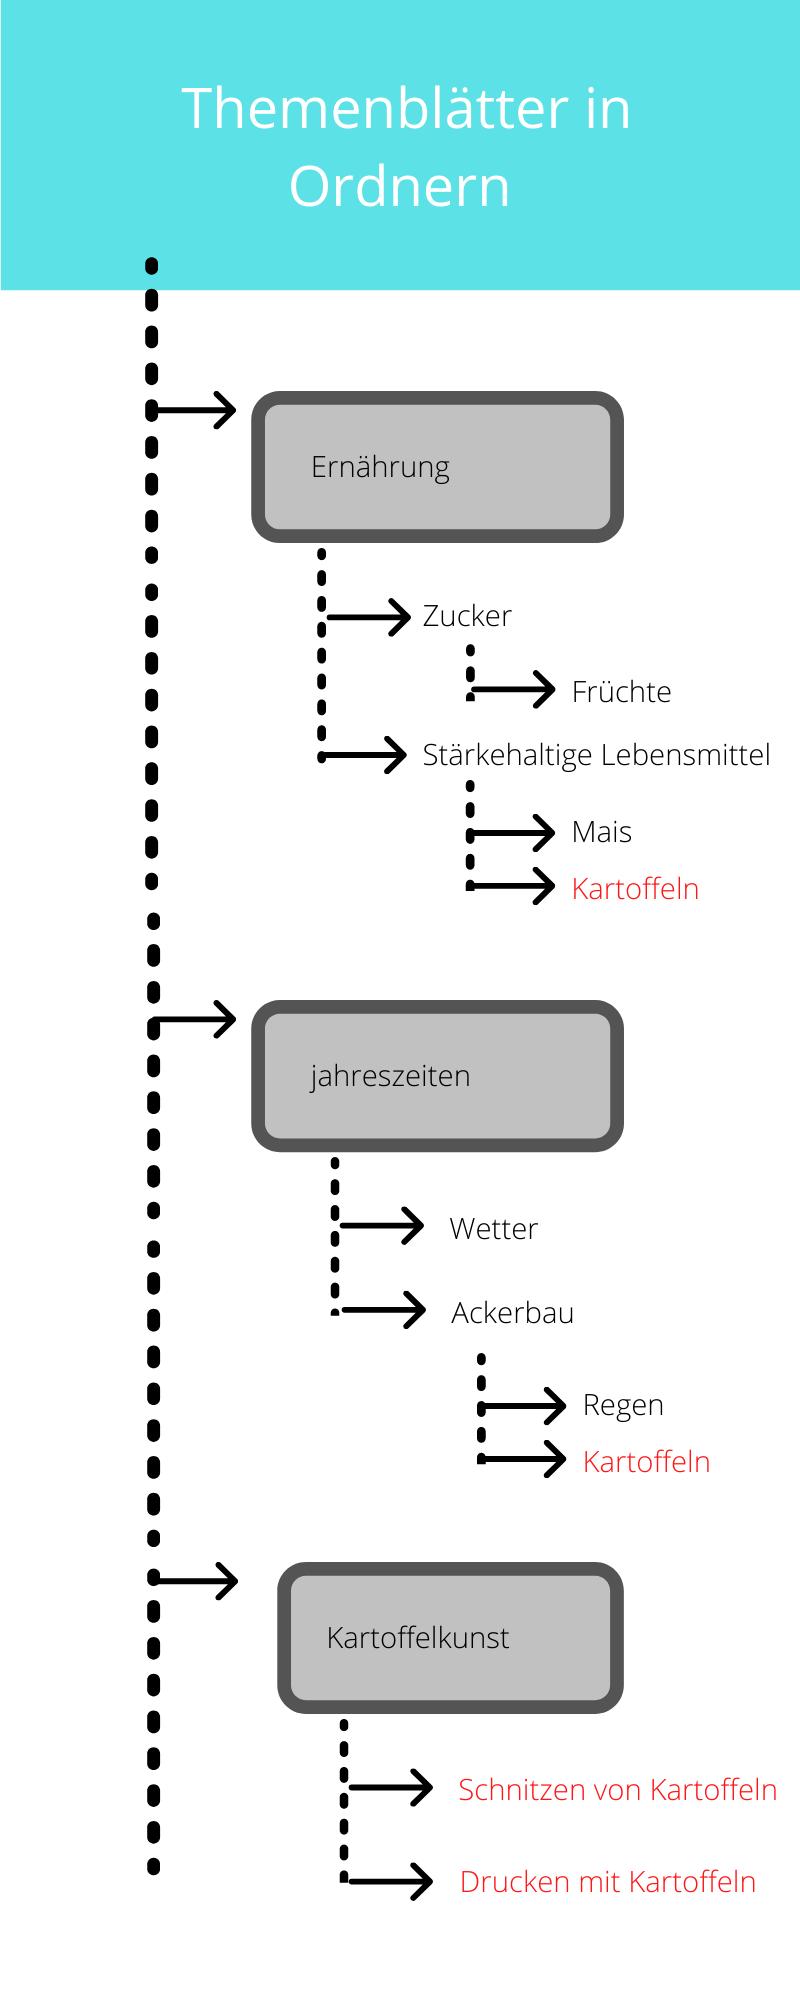 Medienverwaltung in Ordnern